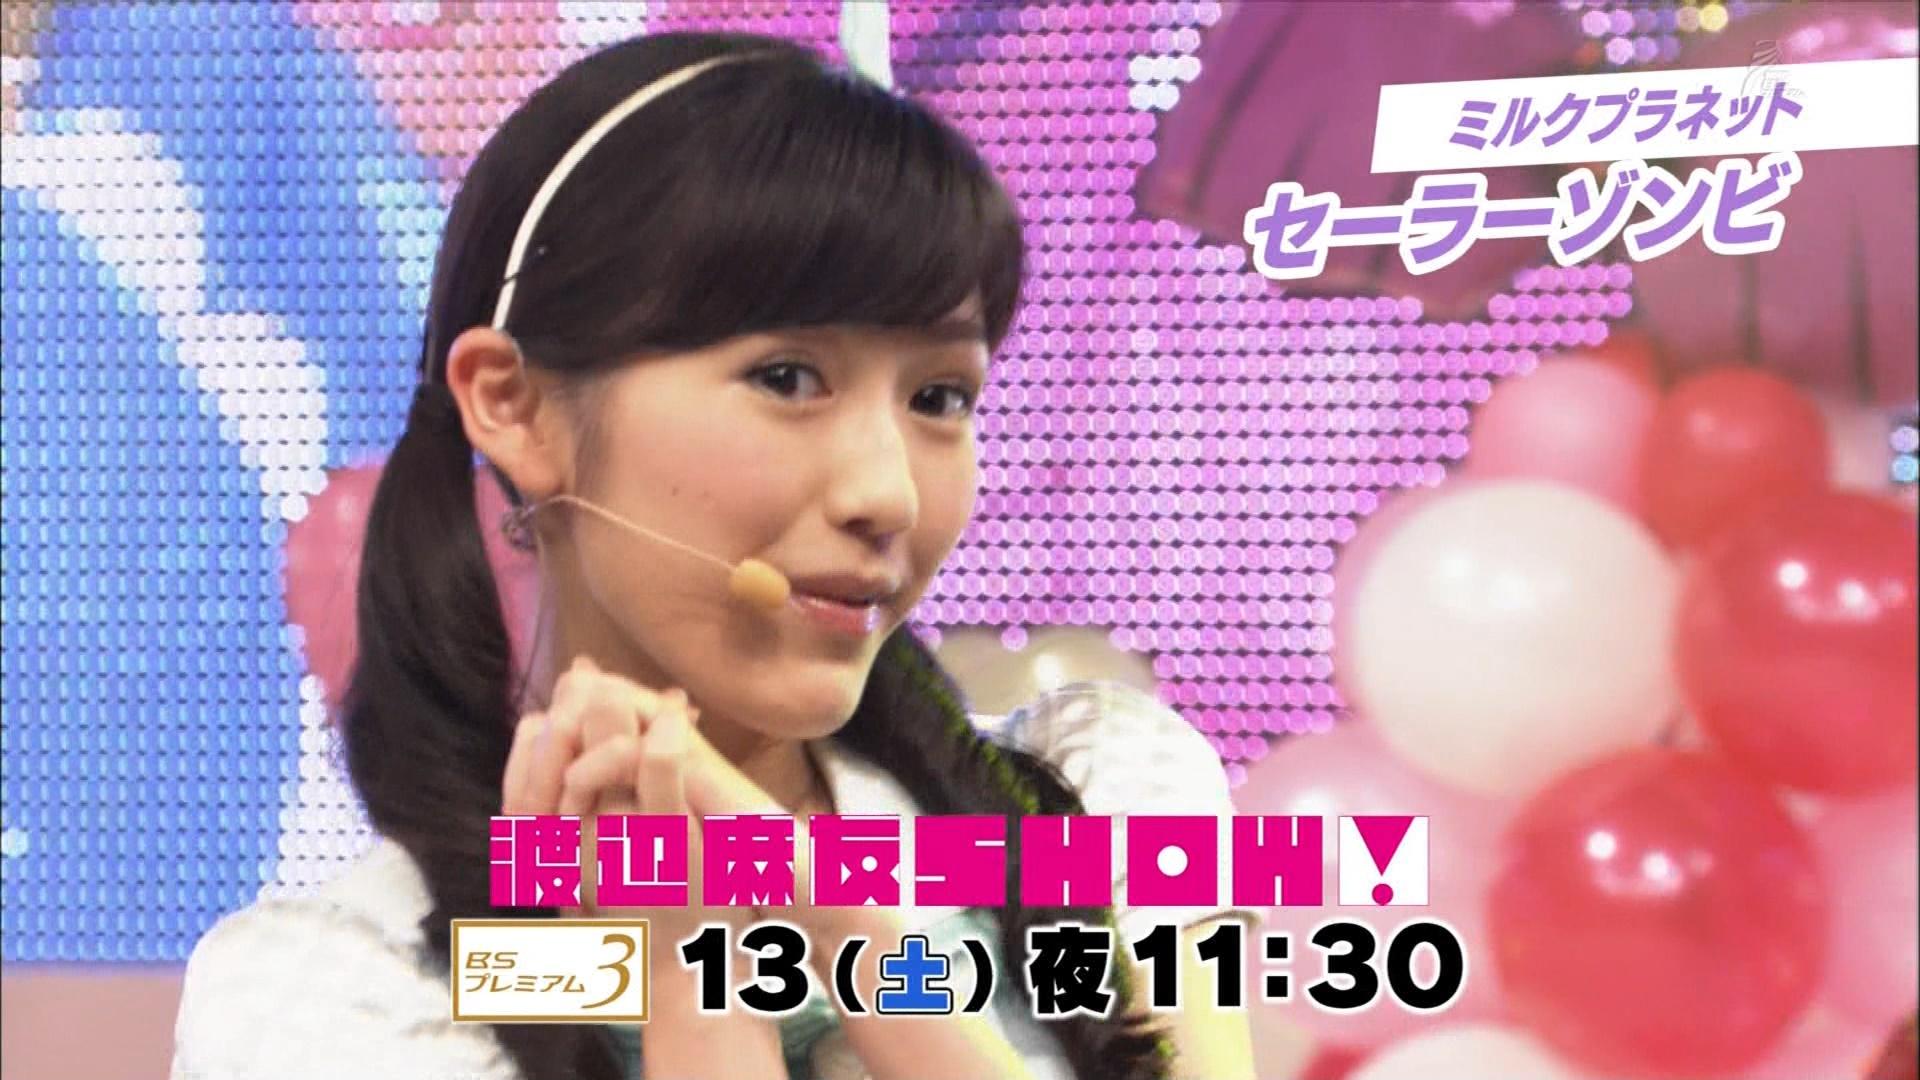 渡辺麻友SHOW!予告 AKB48SHOW! 20140906 (16)